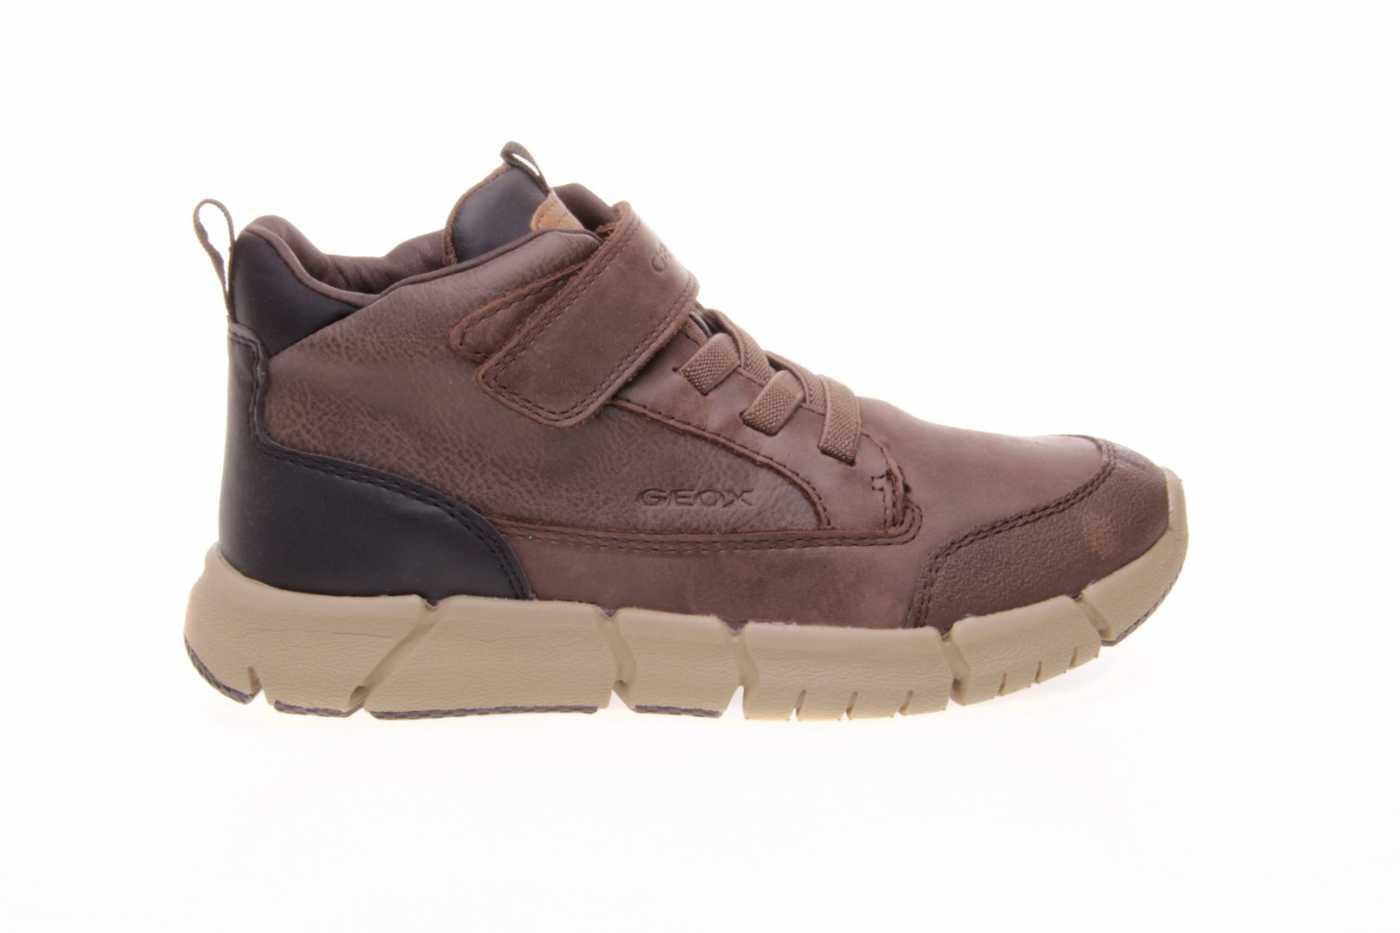 Sabueso Cuota de admisión privado  Comprar zapato GEOX para JOVEN NIÑO estilo BOTAS color MARRON PIEL